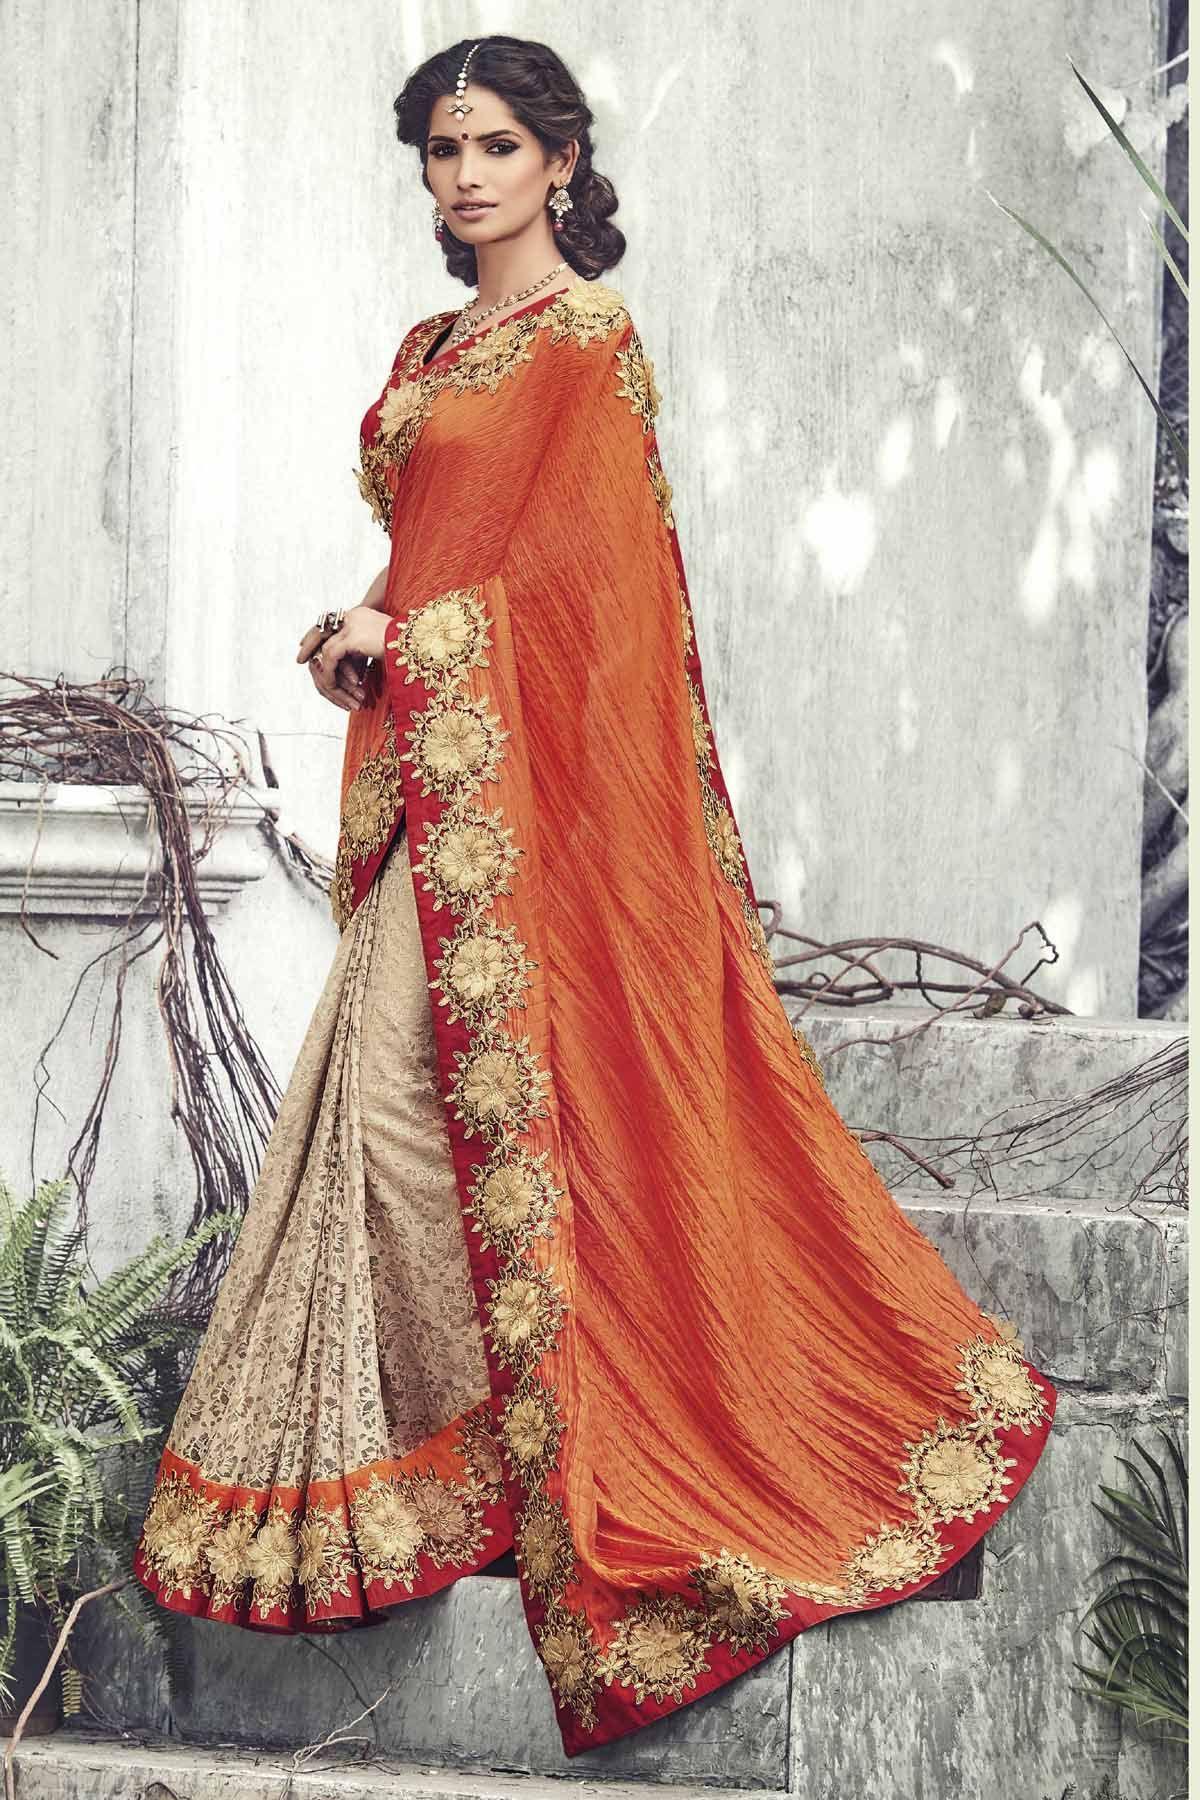 Net saree images more sarees  bridal sarees  designer sarees  net sarees  sarees